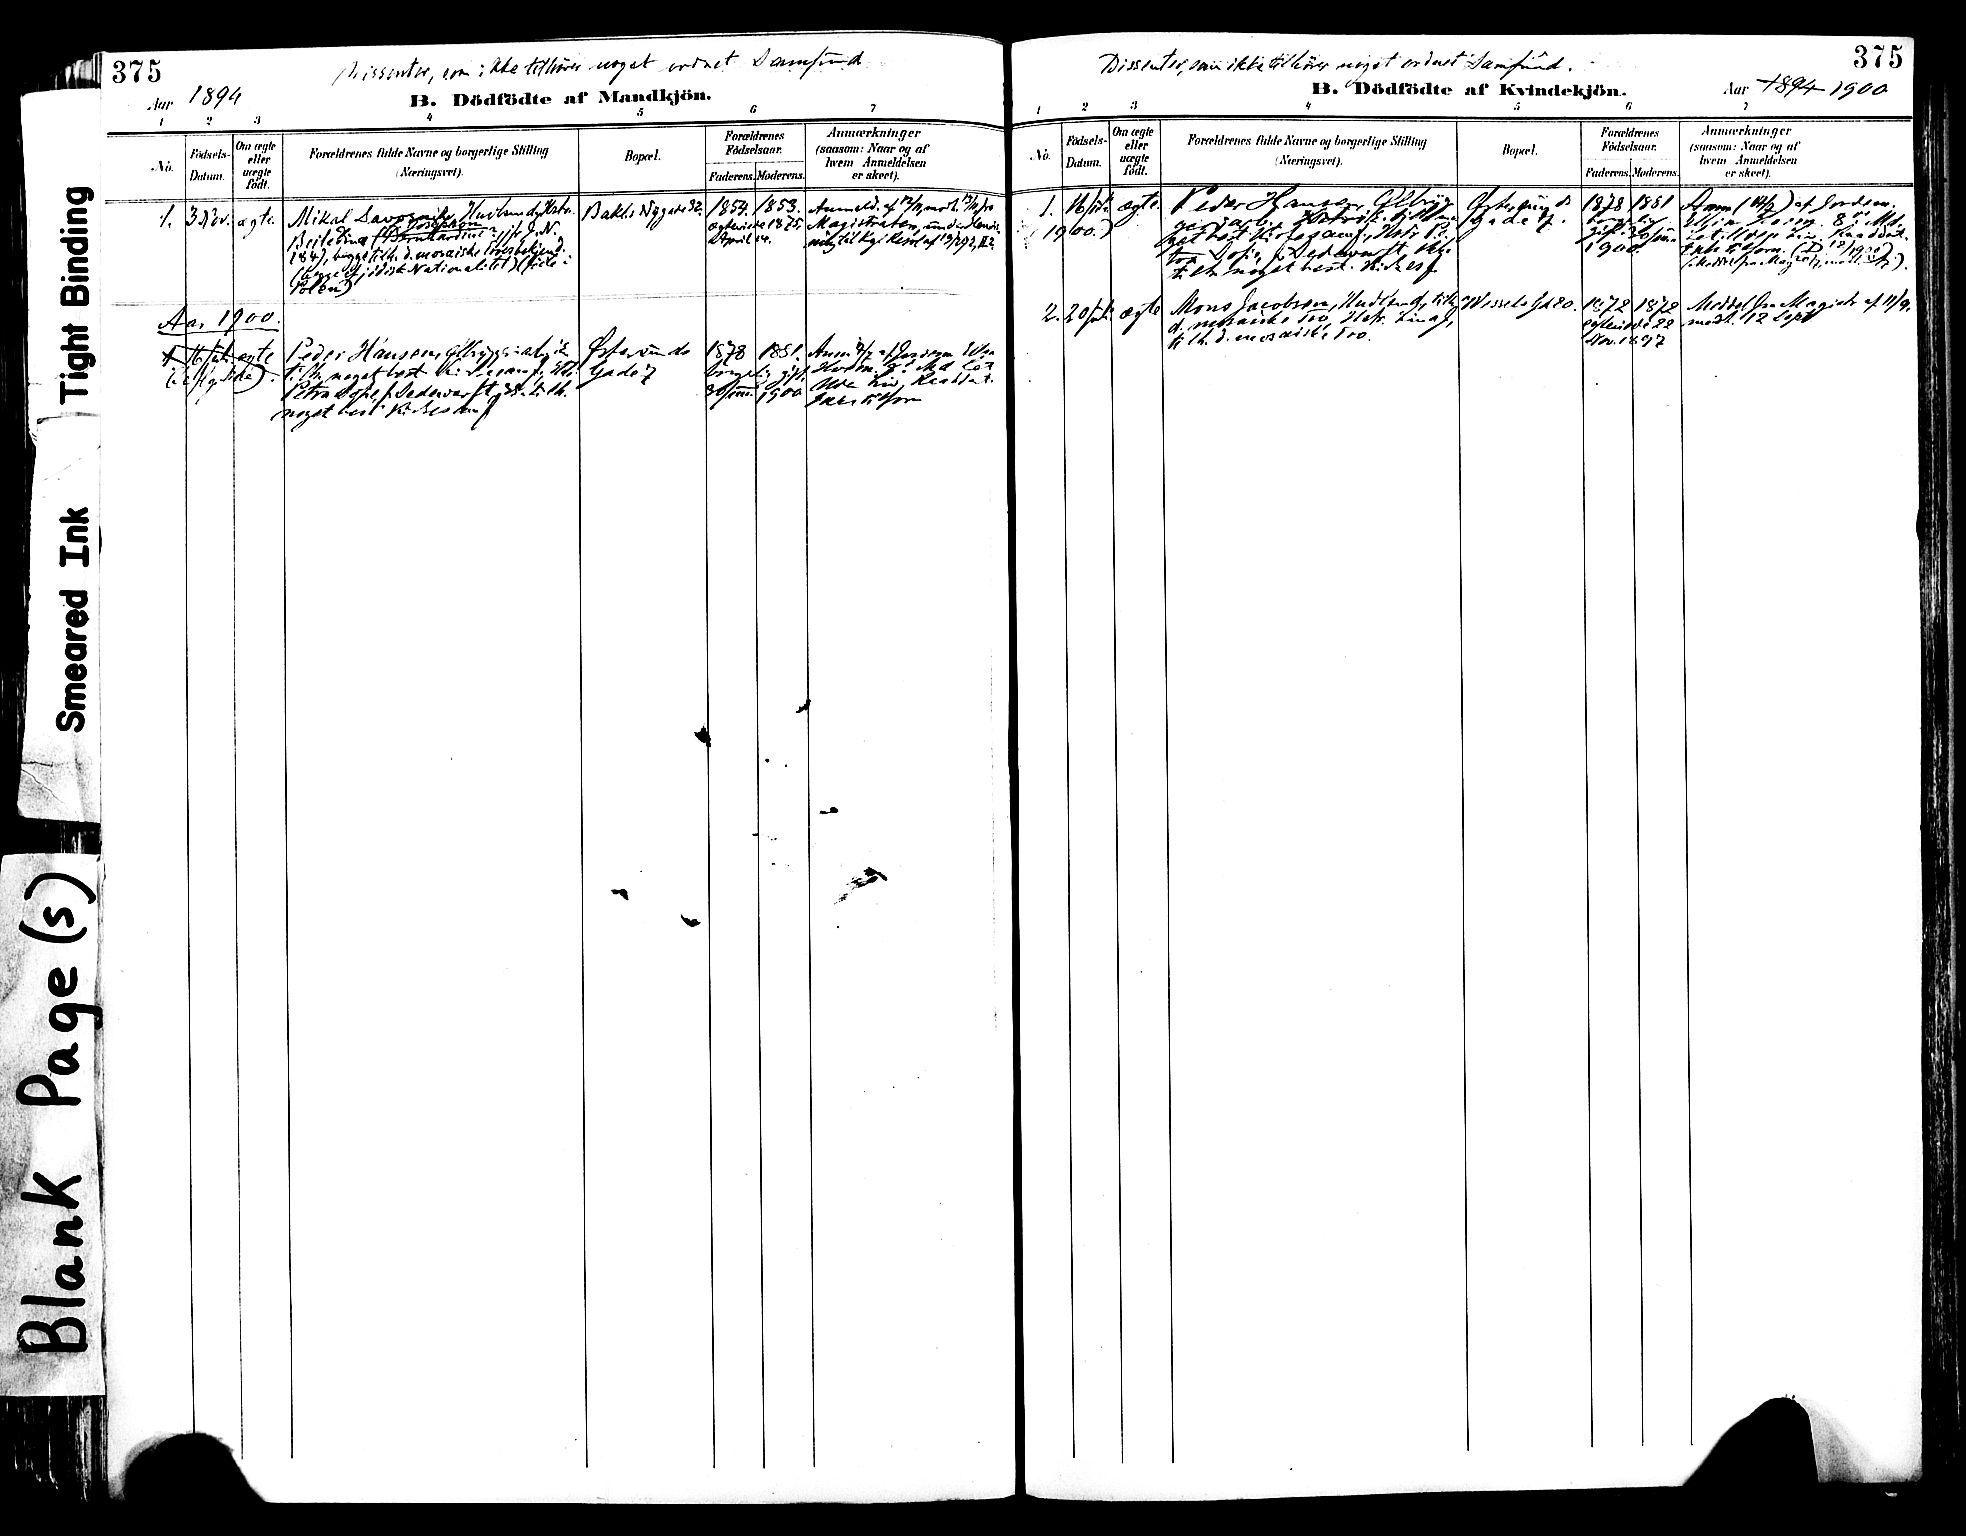 SAT, Ministerialprotokoller, klokkerbøker og fødselsregistre - Sør-Trøndelag, 604/L0197: Ministerialbok nr. 604A18, 1893-1900, s. 375